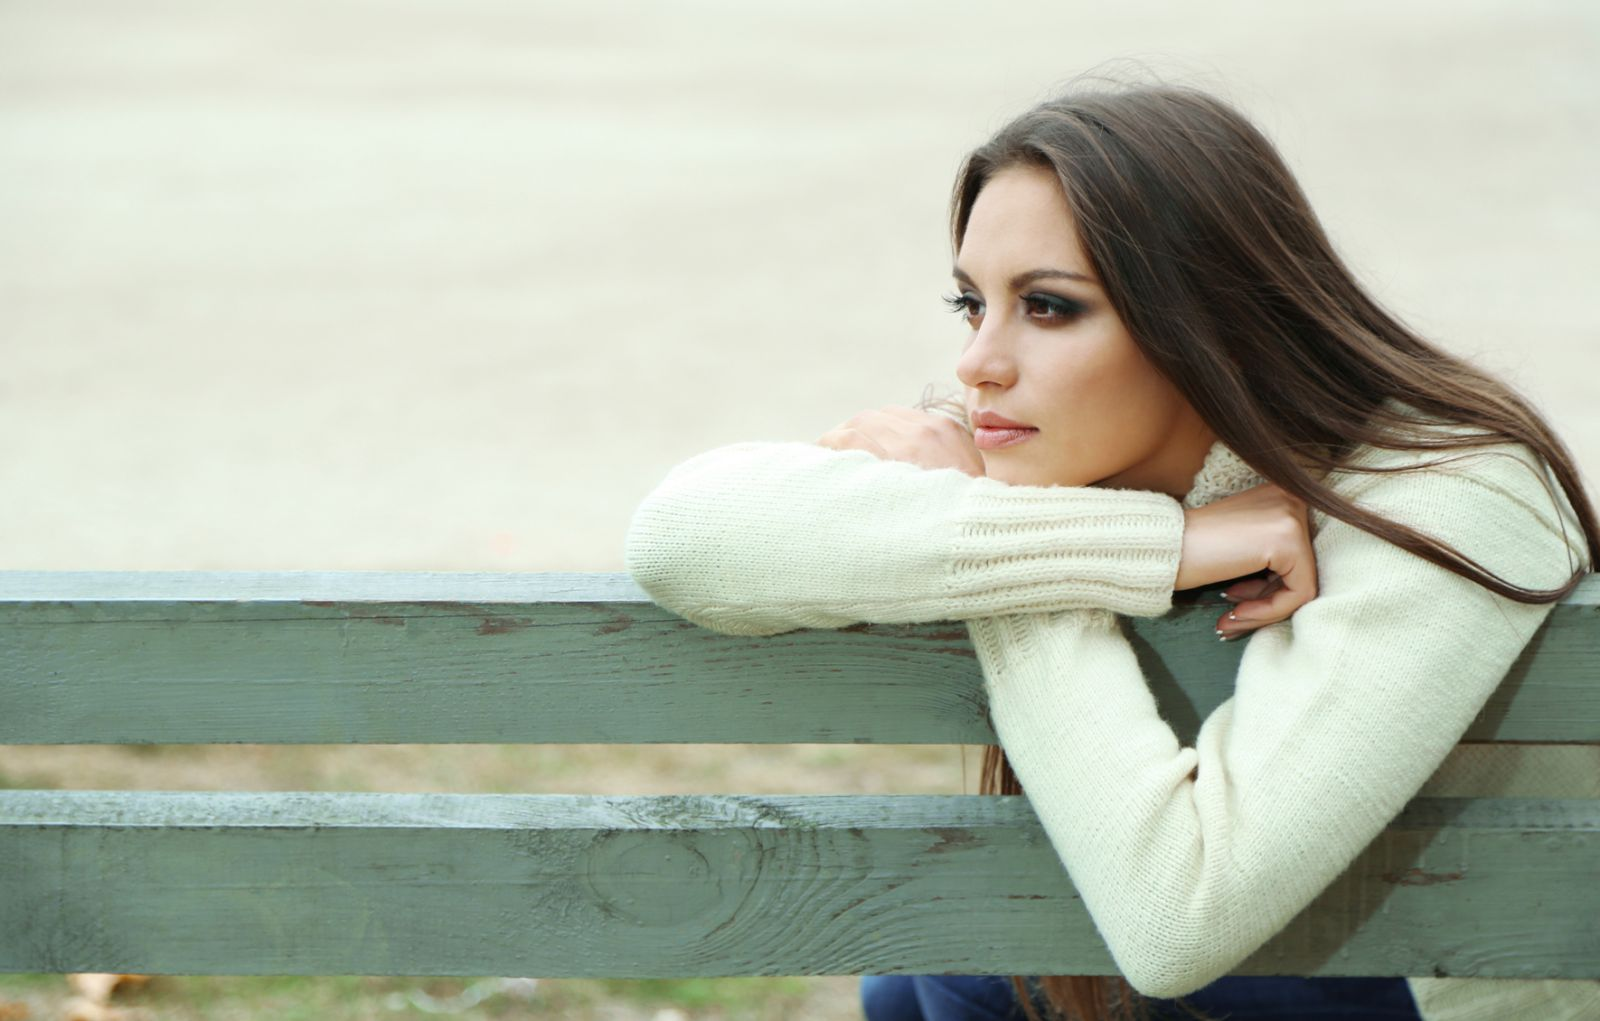 Как привлечь любовь в свою жизнь: 10 советов экстрасенса - фото №3